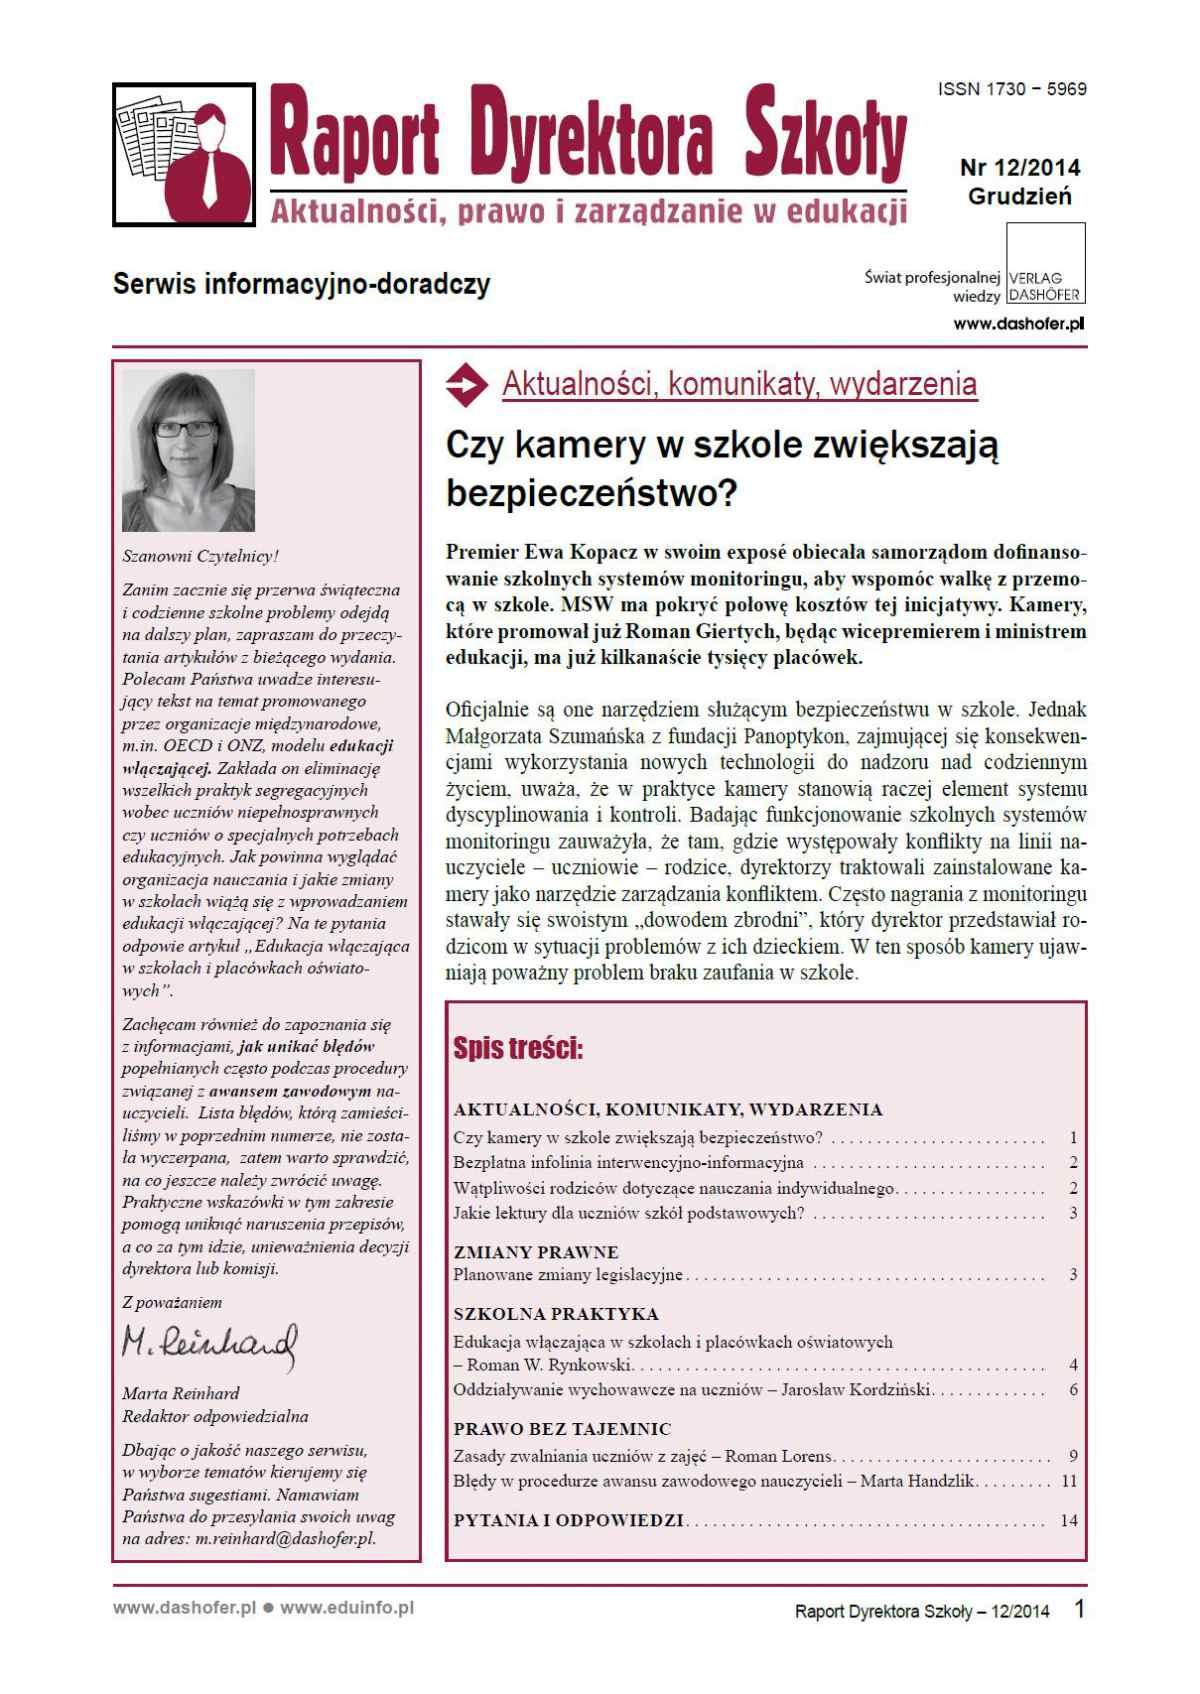 Raport Dyrektora Szkoły. Aktualności, prawo i zarządzanie w edukacji. Nr 12/2014 - Ebook (Książka PDF) do pobrania w formacie PDF